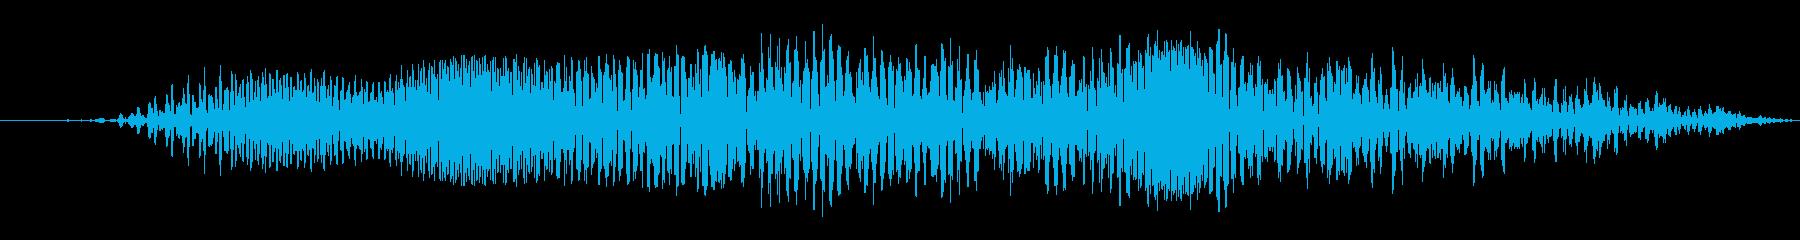 大クリーチャー:短いゴトラル・グロウルの再生済みの波形